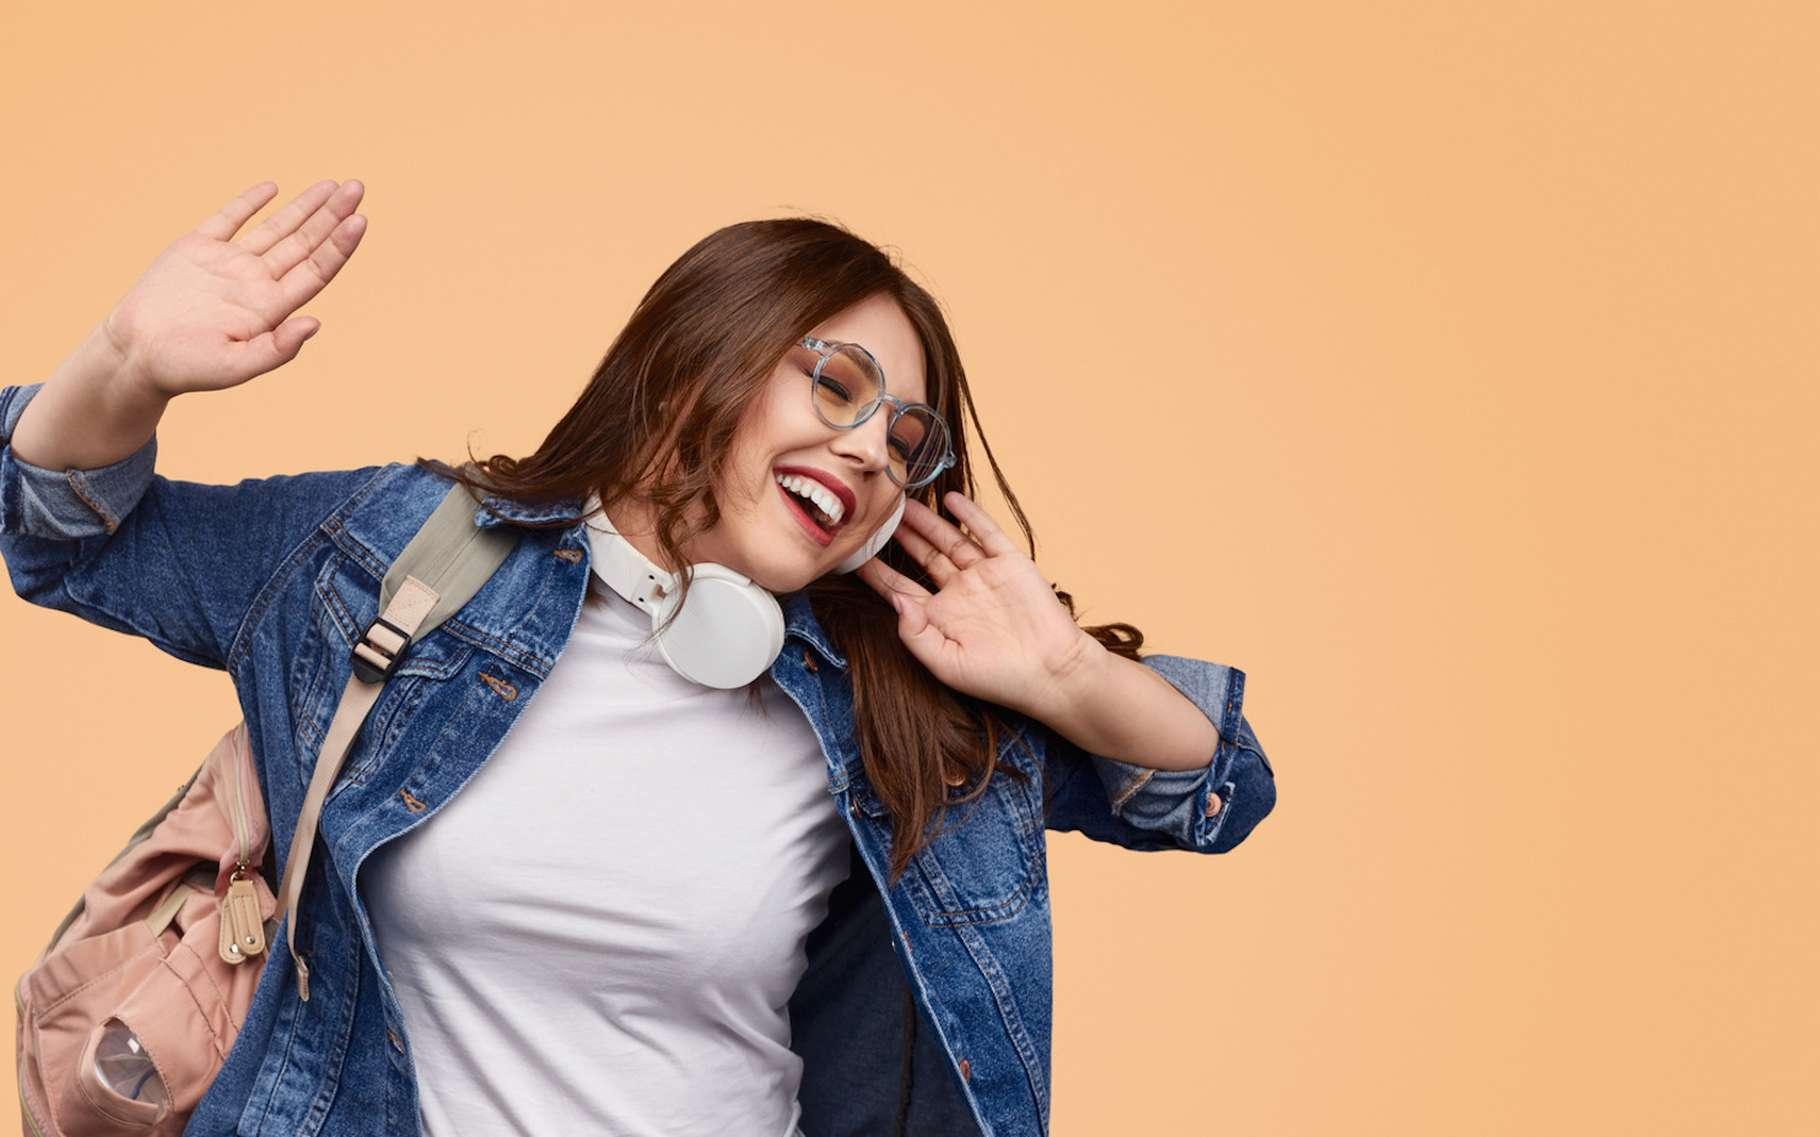 Pour de nombreuses personnes, la musique est source de plaisir. Mais pas pour toutes. Et des chercheurs pensent enfin avoir compris pourquoi. © kegfire, Fotolia